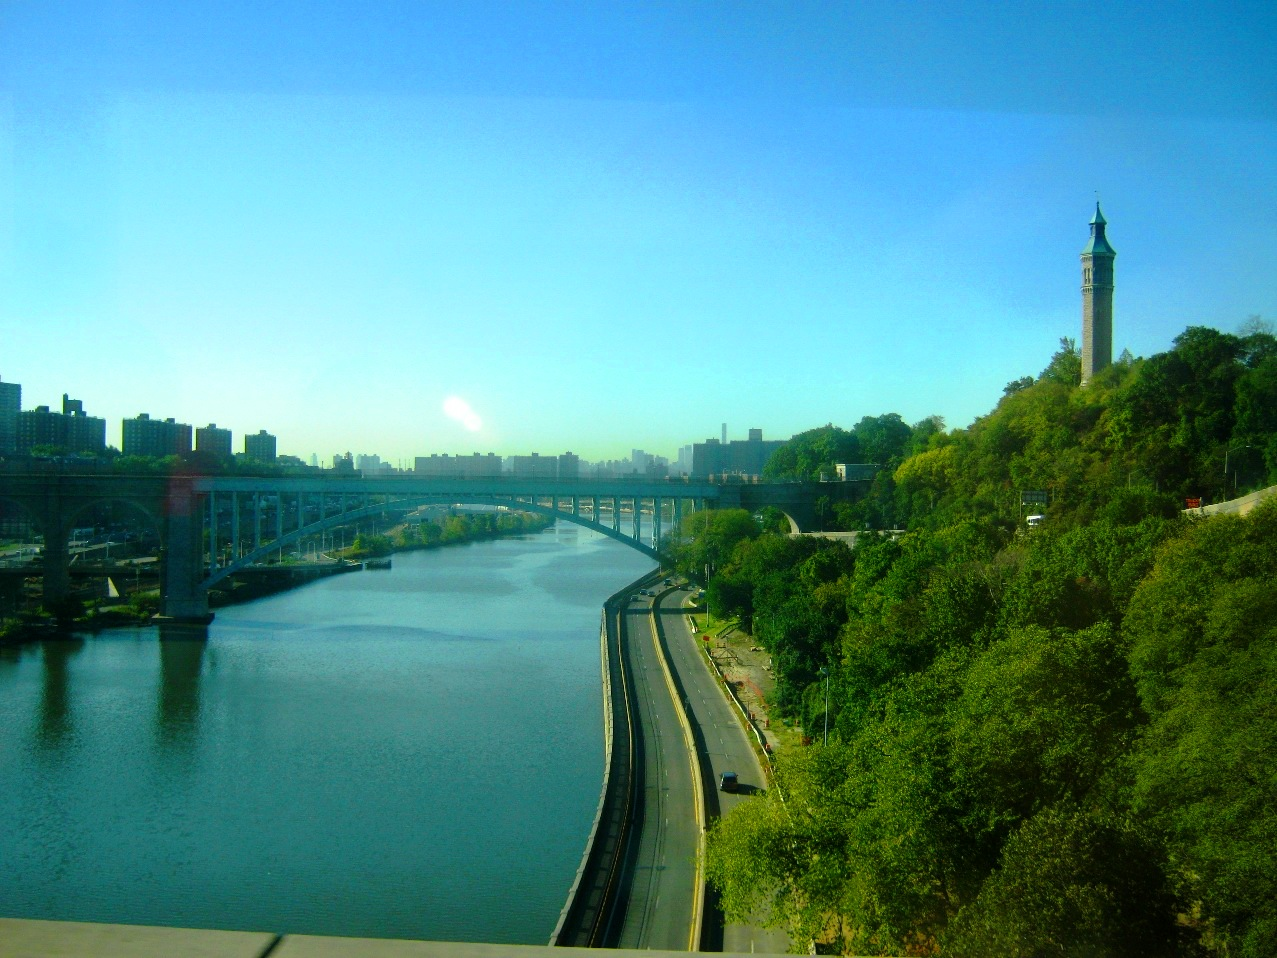 ハーレム川。